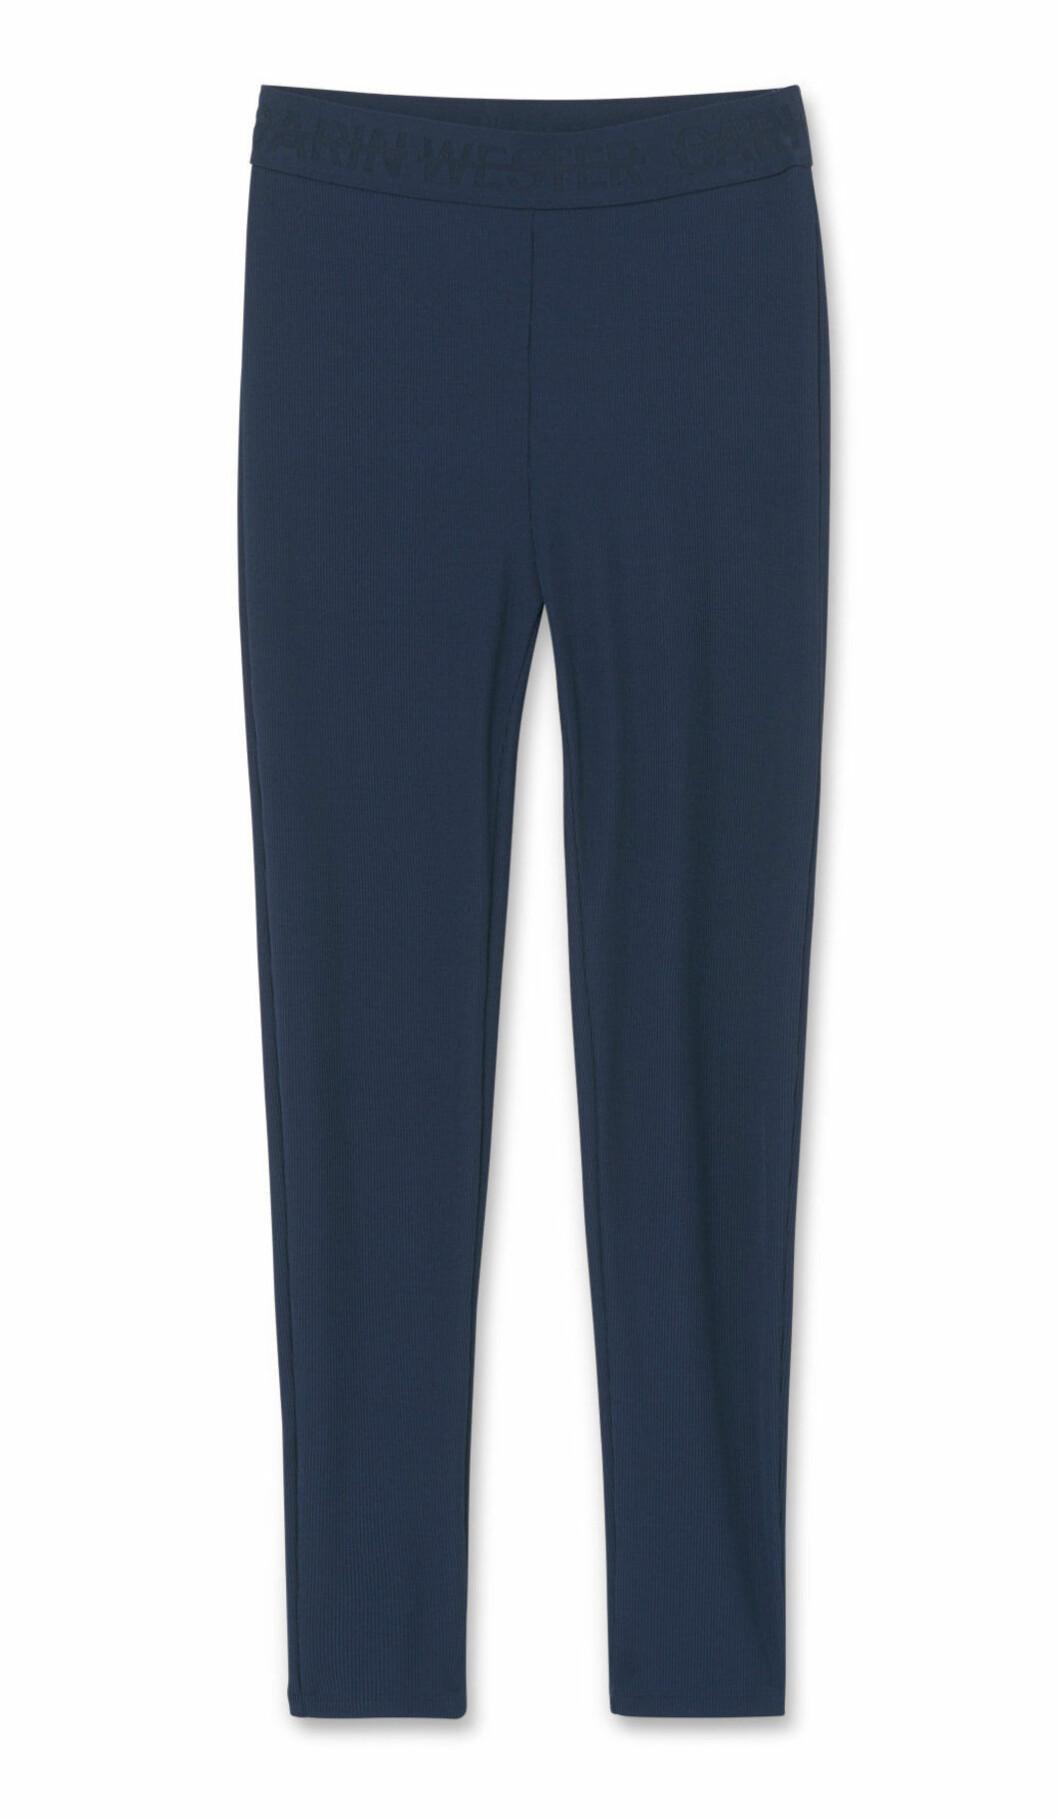 Blå leggings dam